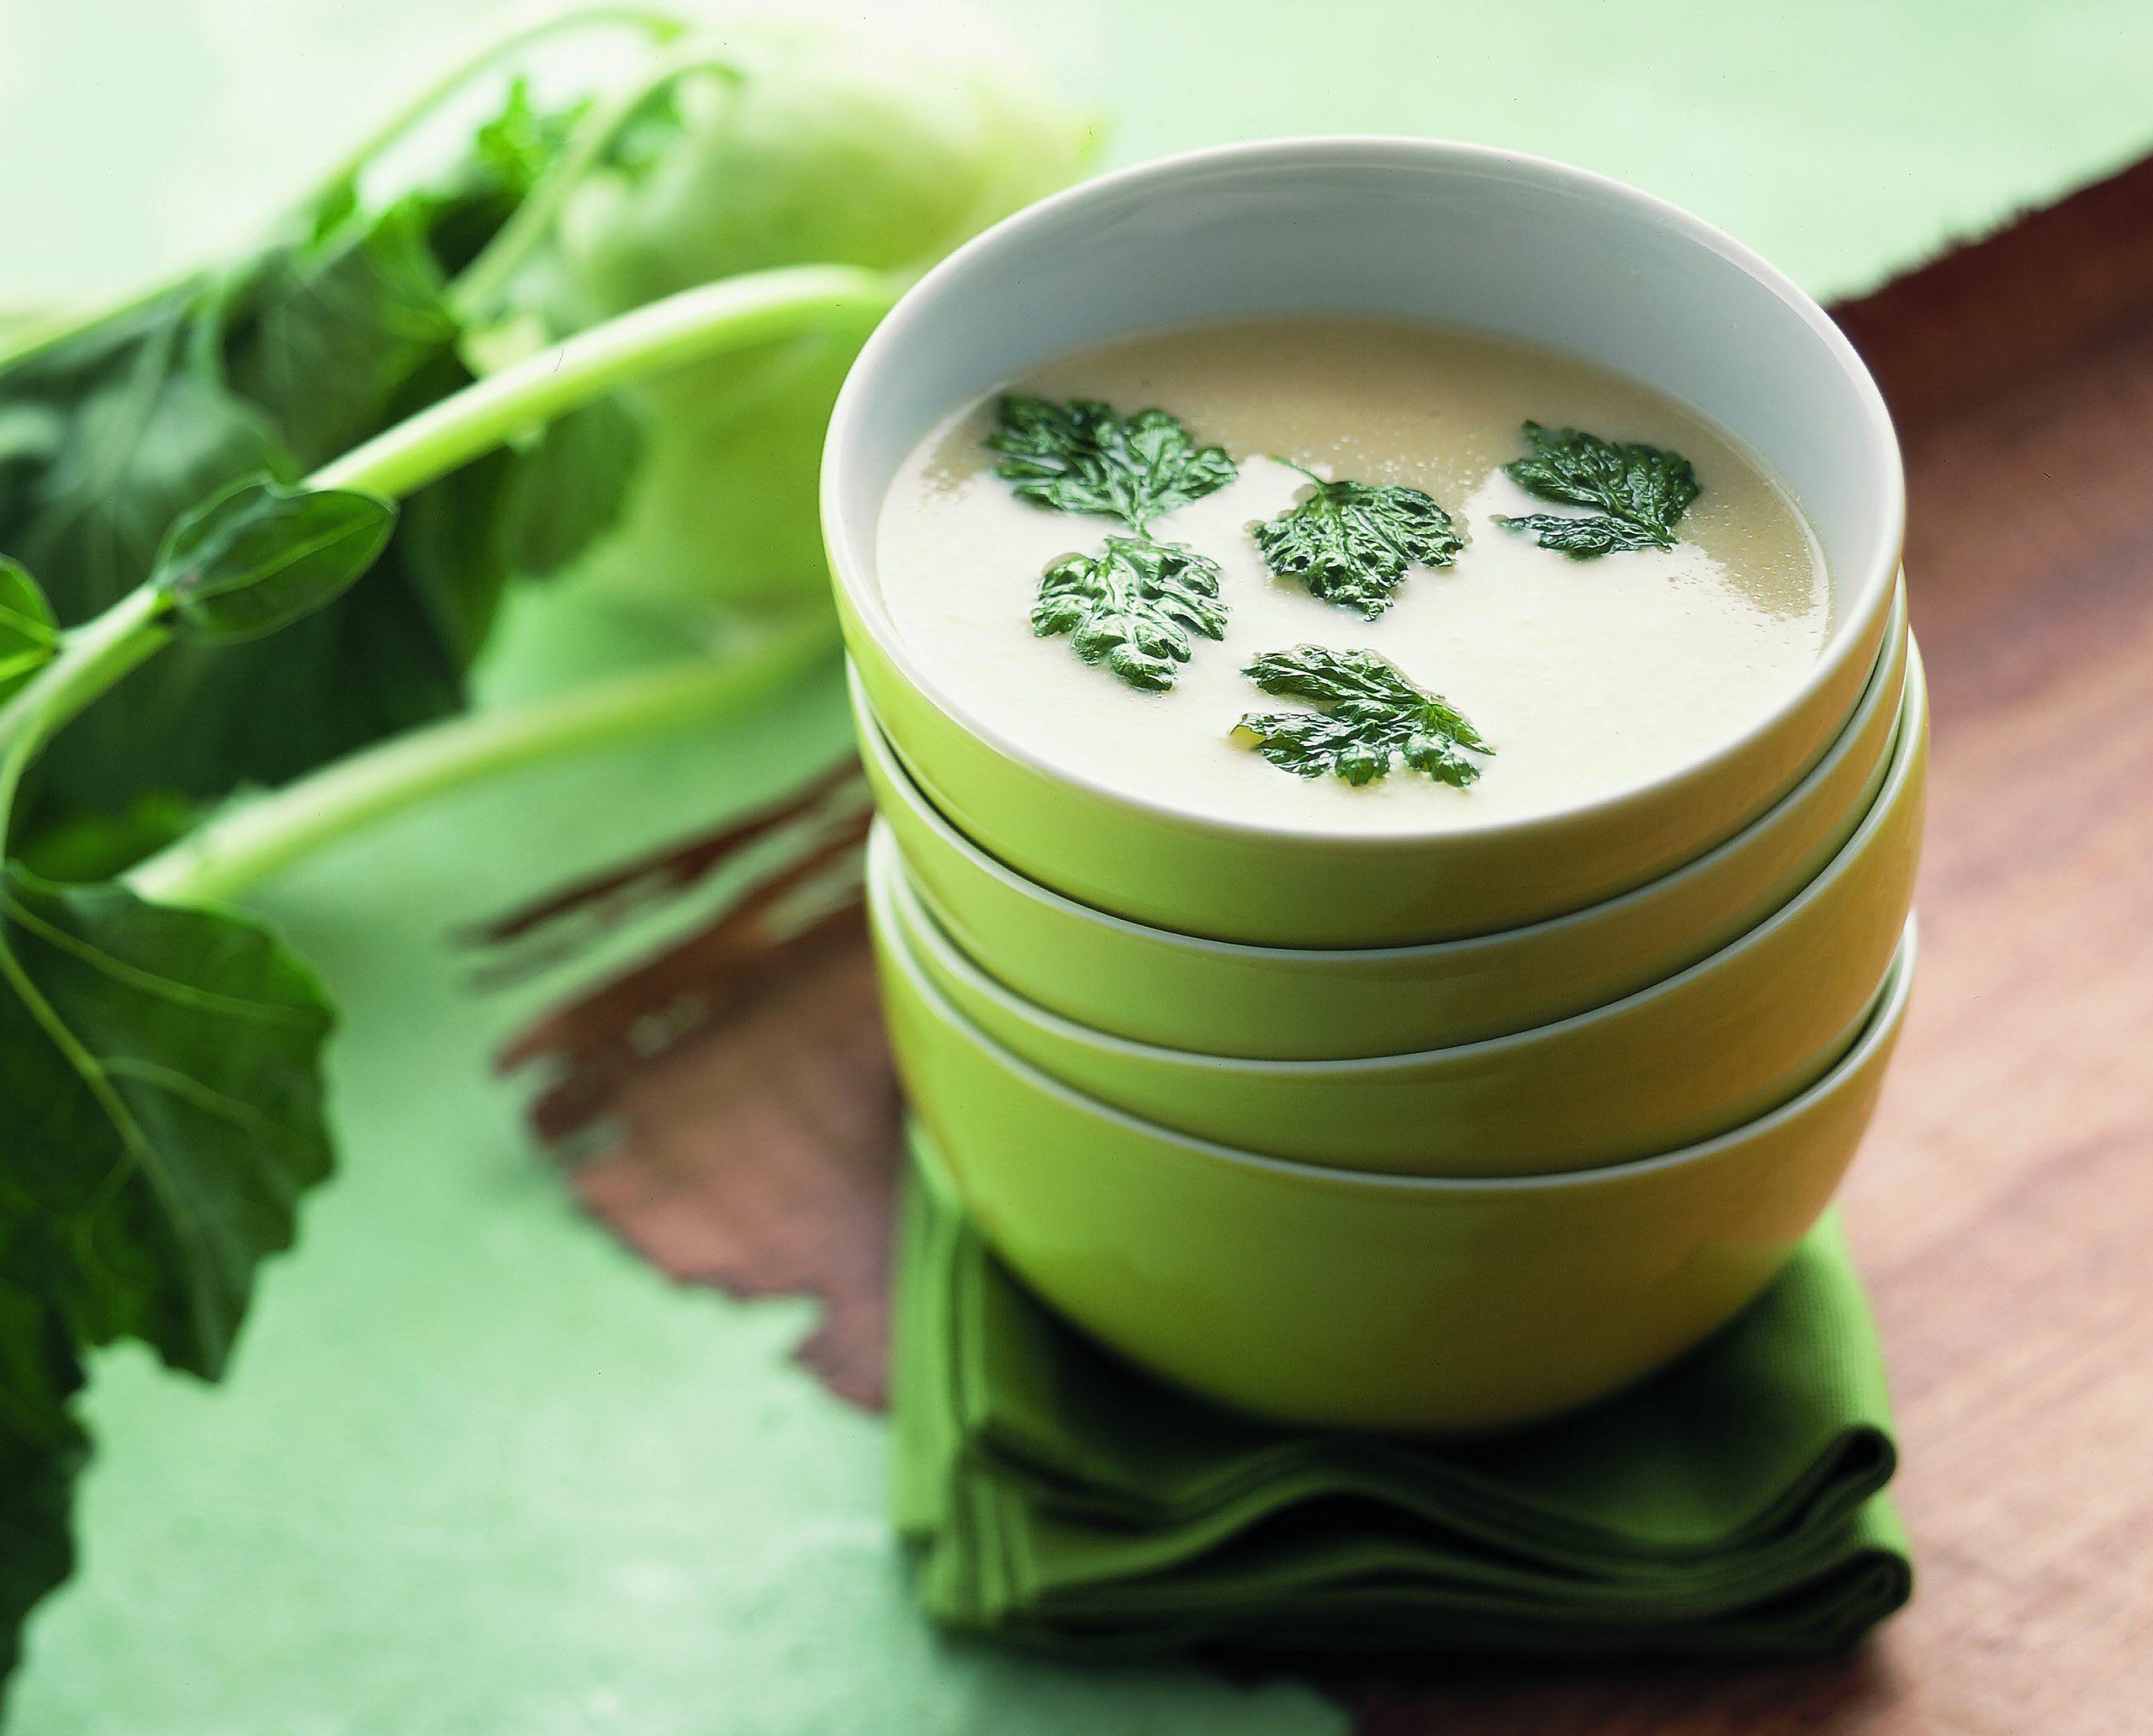 Kohlrabicrèmesuppe mit gebackener Petersilie